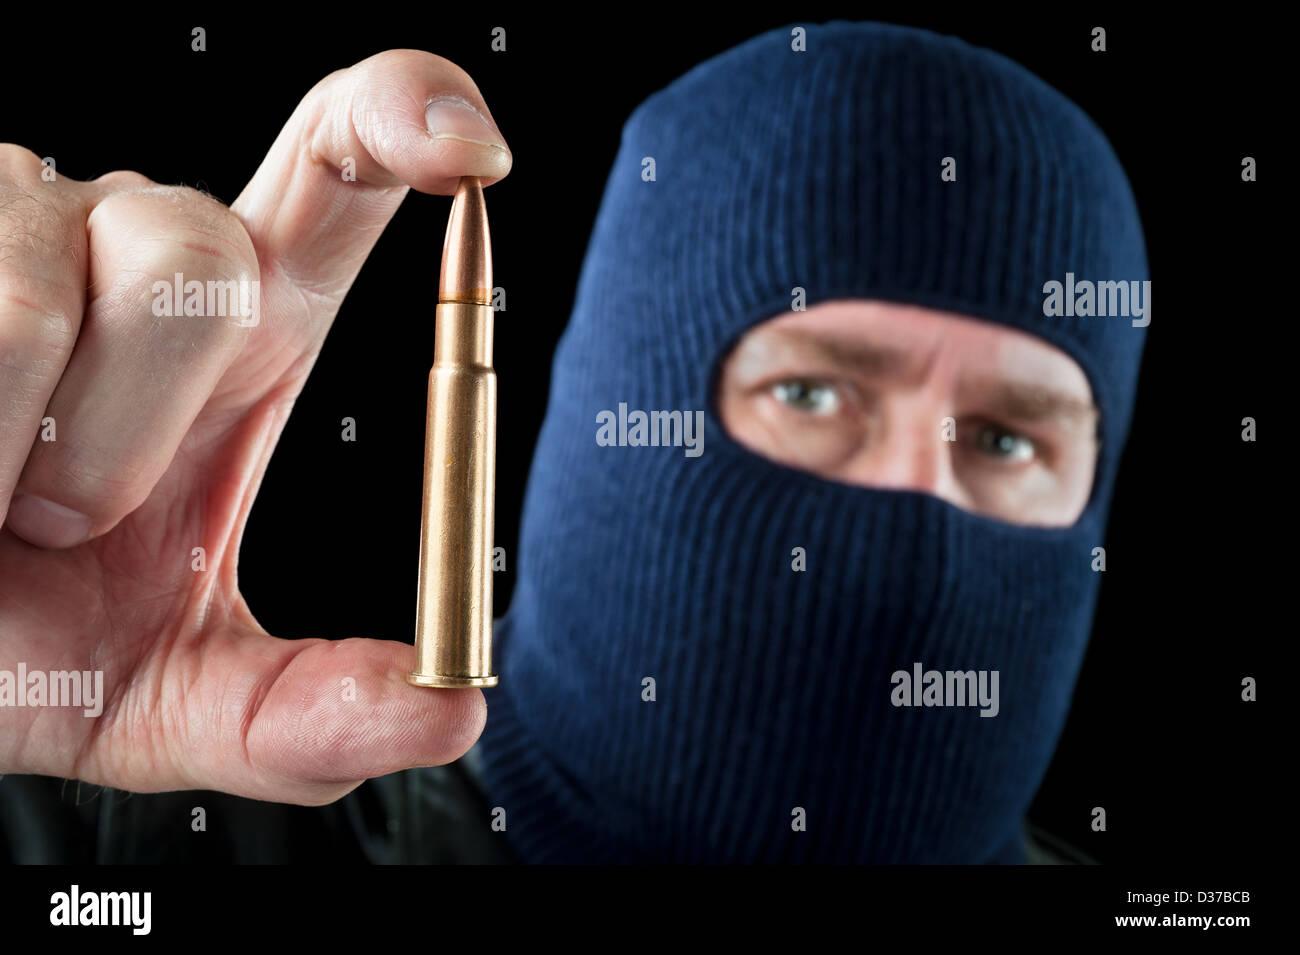 Un terroriste portant un masque de ski comme un déguisement est titulaire d'une balle de fusil automatique. Photo Stock